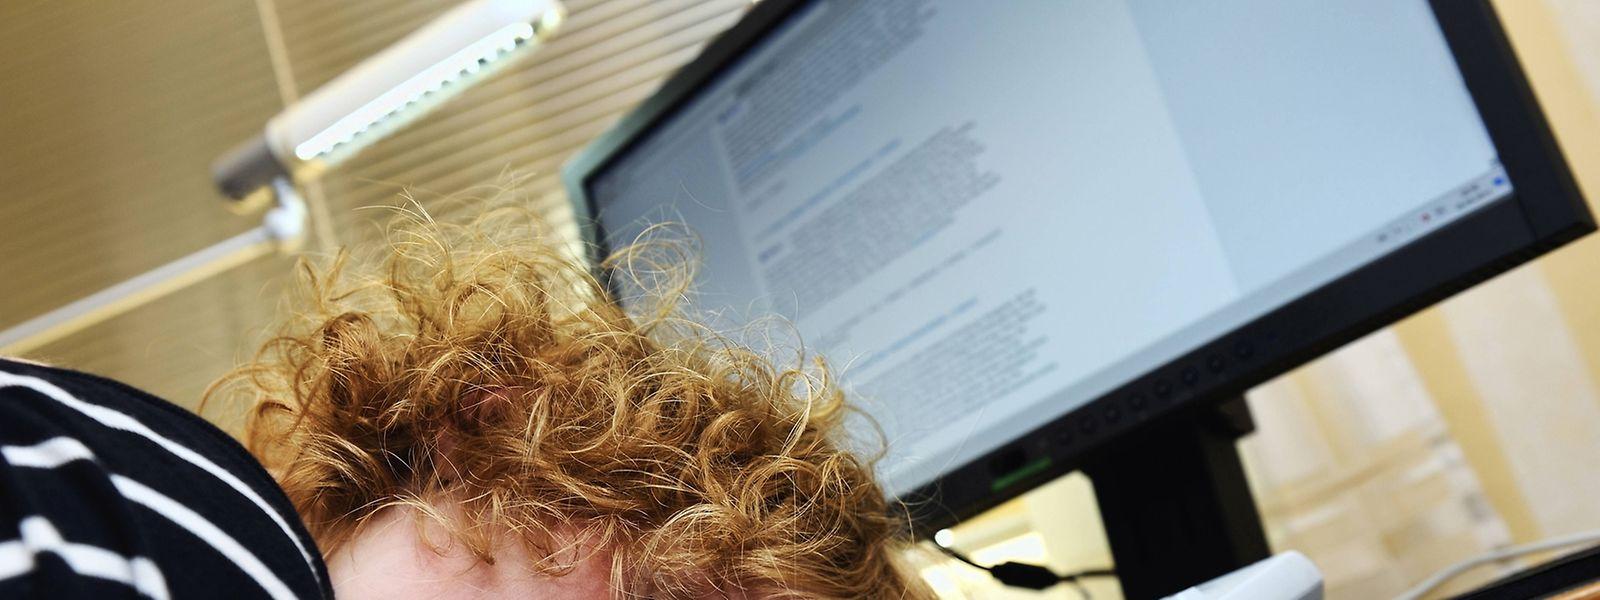 Lahme Rechner rauben dem Nutzer erst den letzten Nerv - und wirken dann einschläfernd.